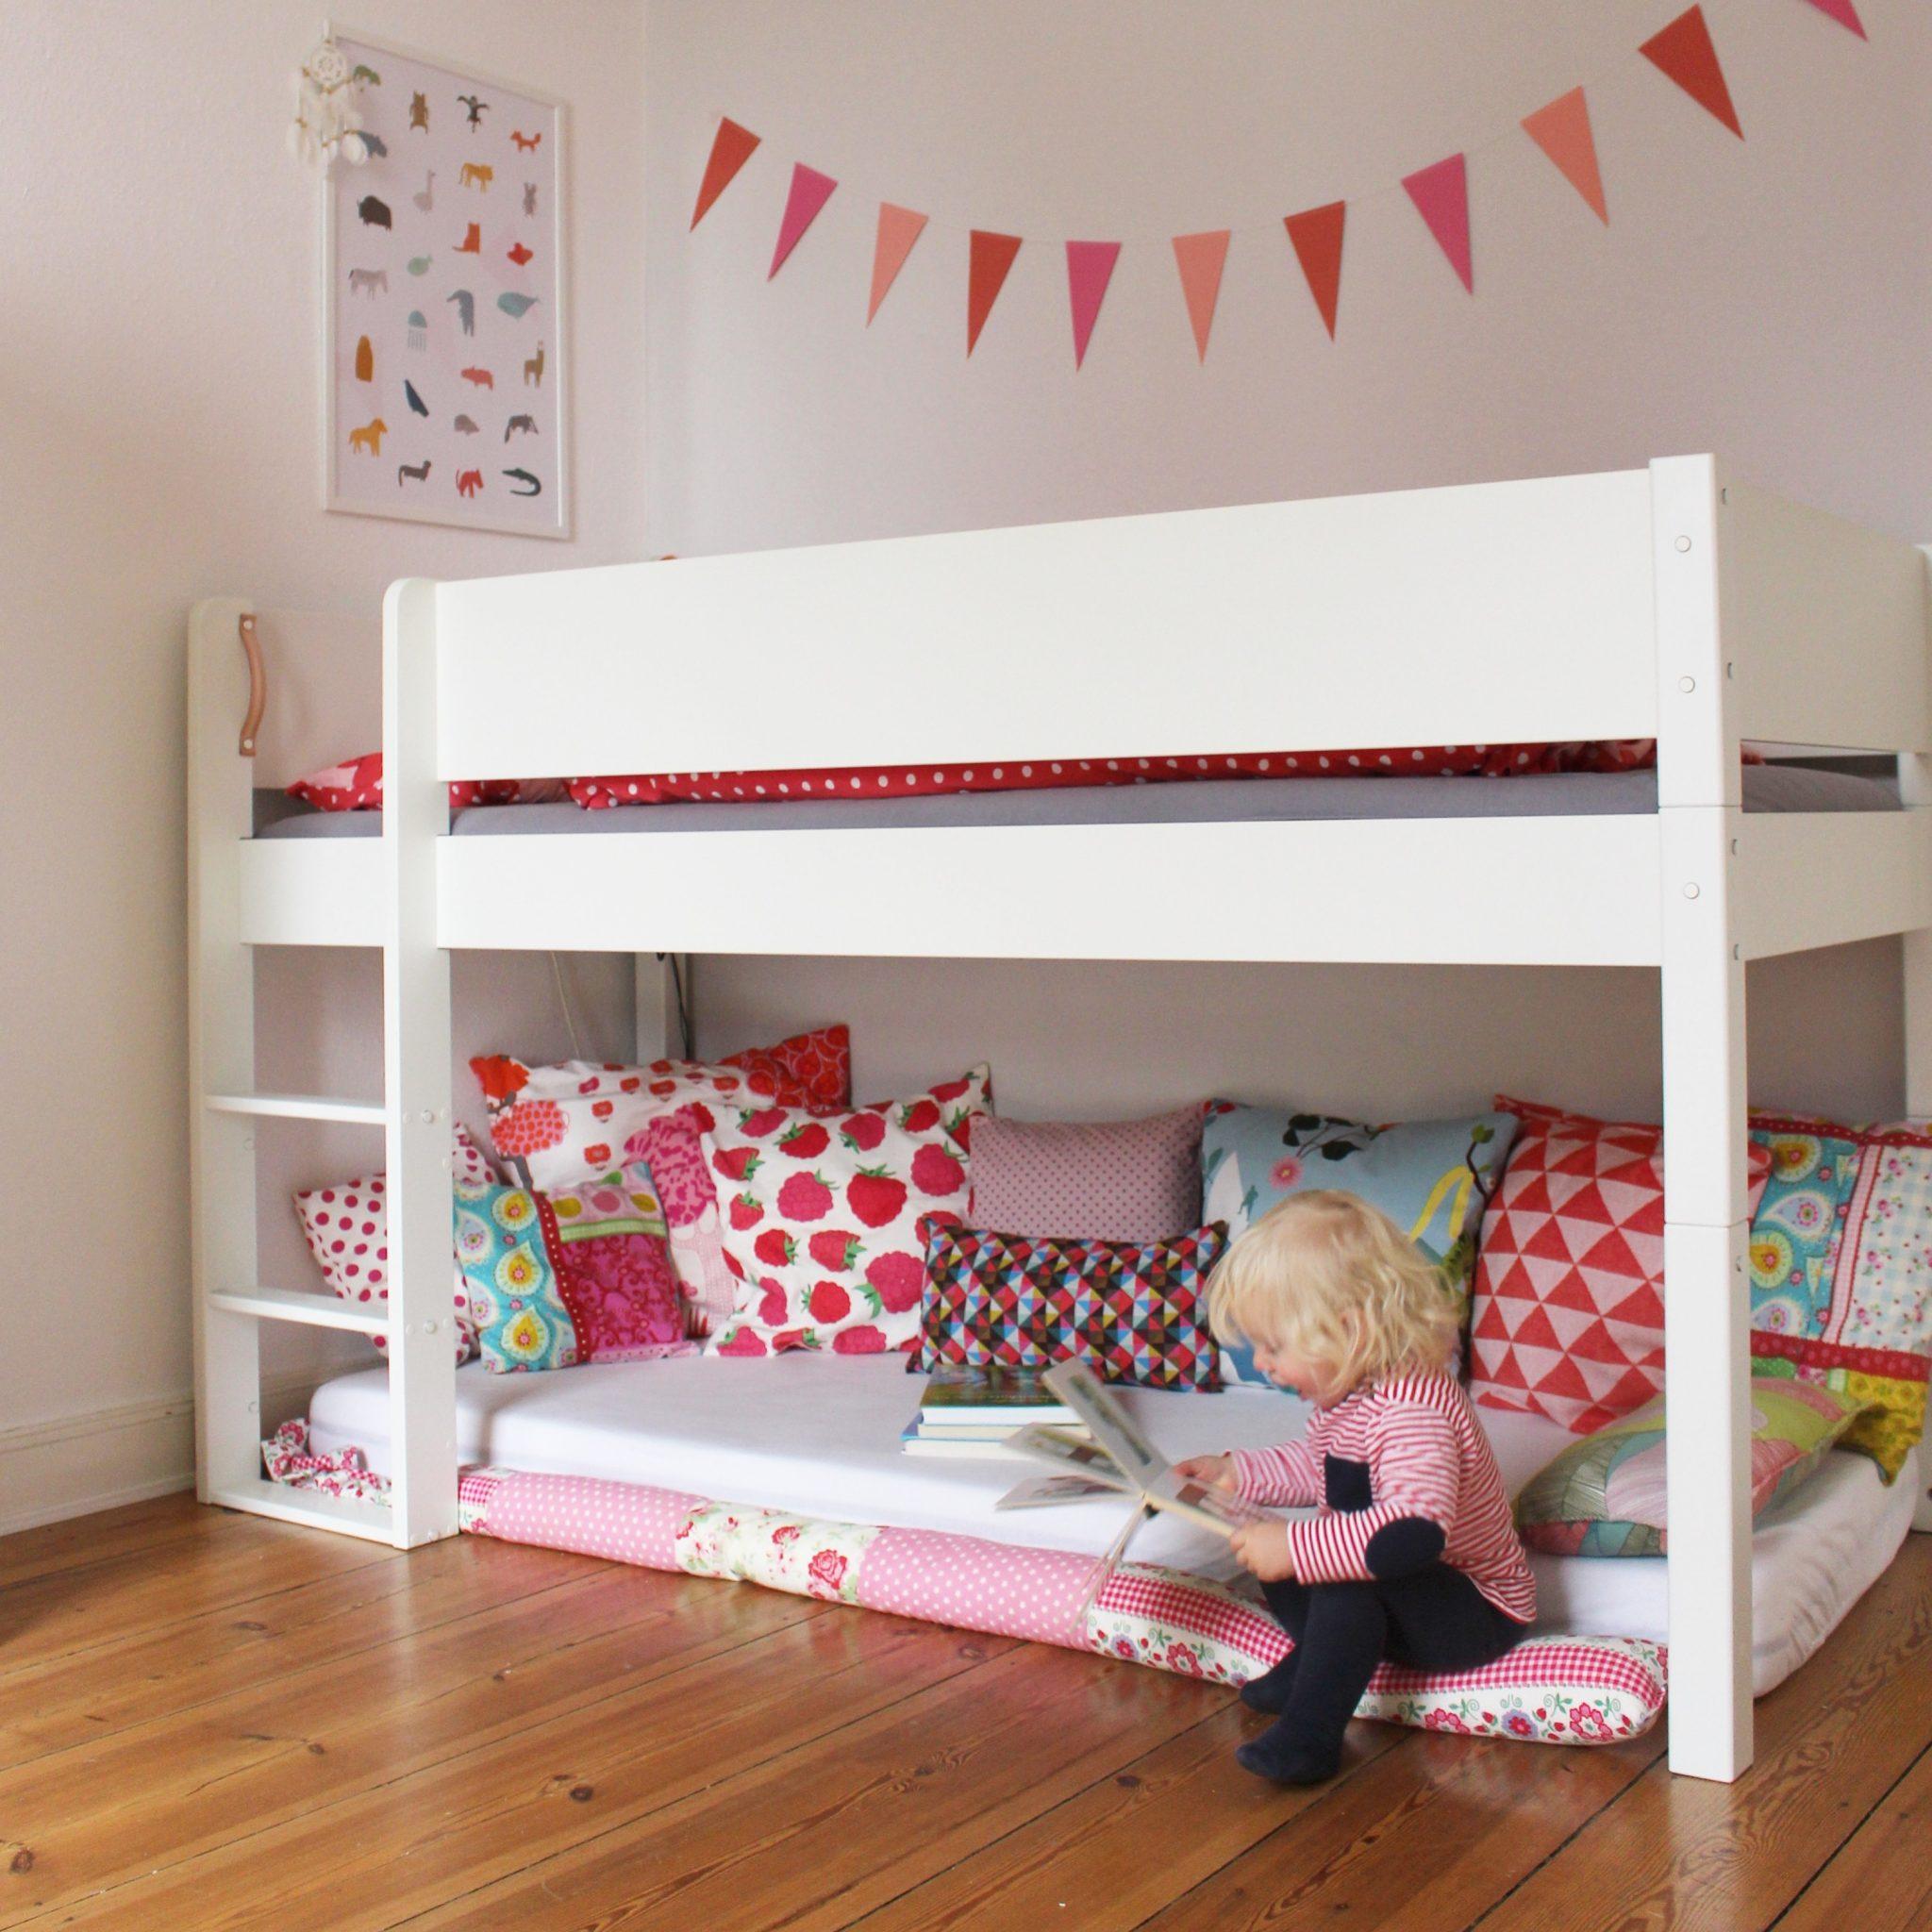 Full Size of Hochbetten Kinderzimmer Was Ist Das Richtige Alter Fr Ein Hochbett Unser Neues Sofa Regal Weiß Regale Kinderzimmer Hochbetten Kinderzimmer